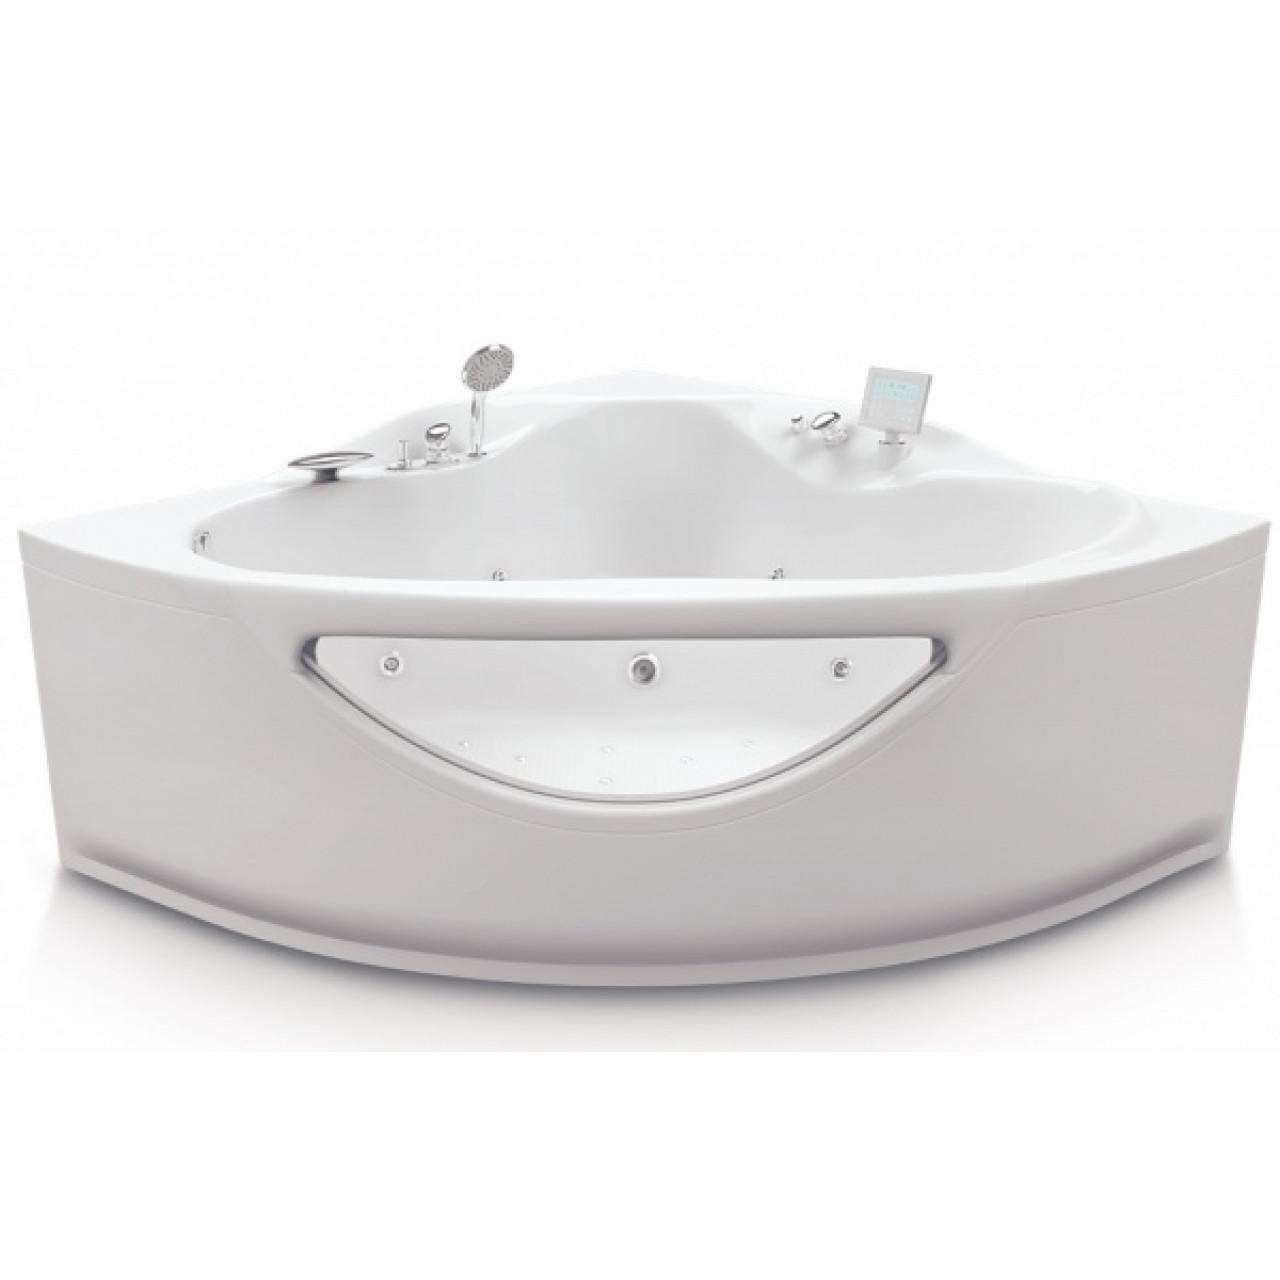 Акриловая ванна Акватика Панорама Basic 155x155x73 купить в Москве по цене от 102558р. в интернет-магазине mebel-v-vannu.ru